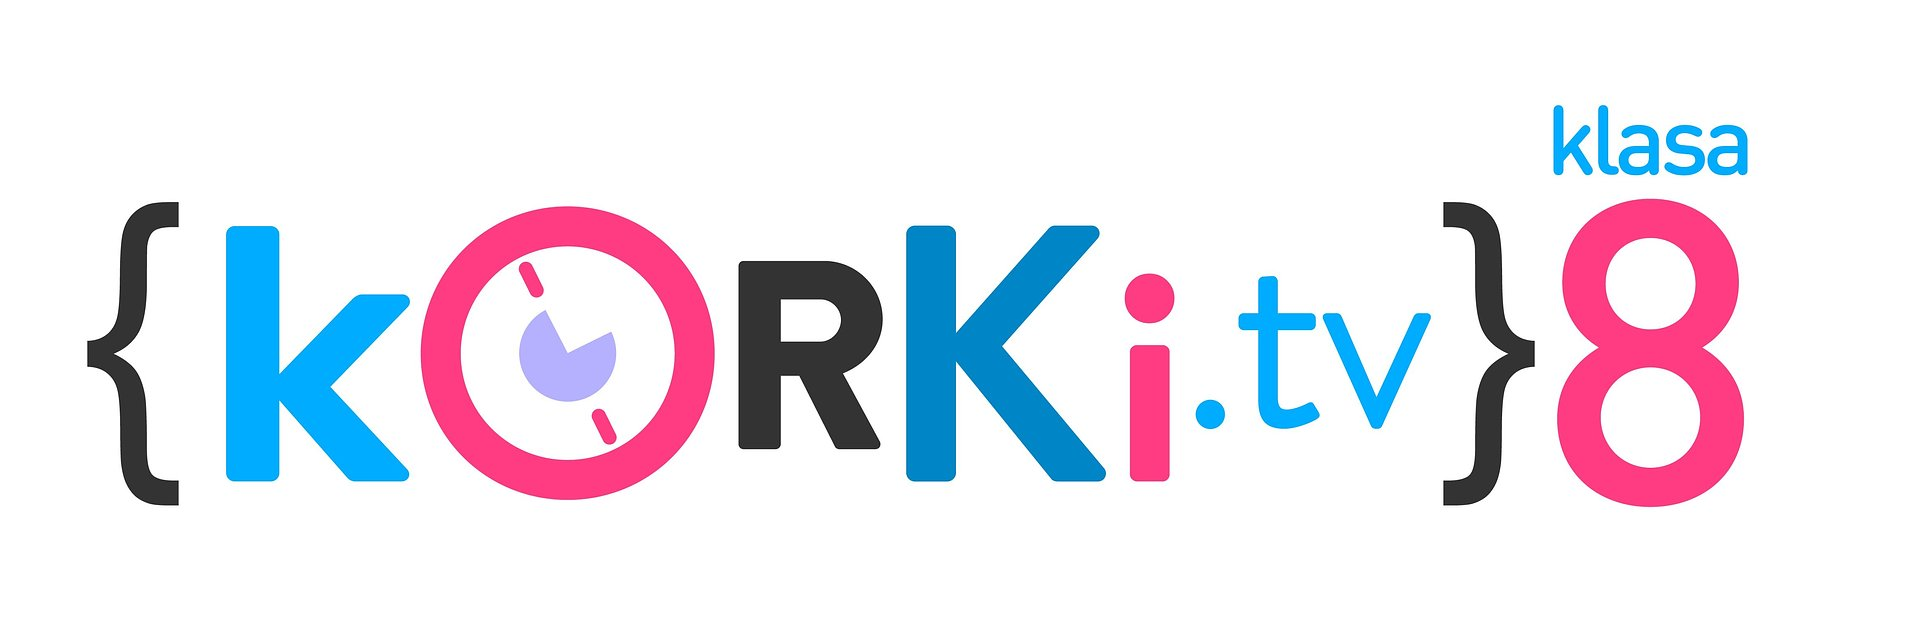 """Telewizja Metro rozszerza ofertę edukacyjną. Od 20 maja """"Korki.tv - 8. klasa"""", lekcje dla uczniów kończących szkoły podstawowe."""